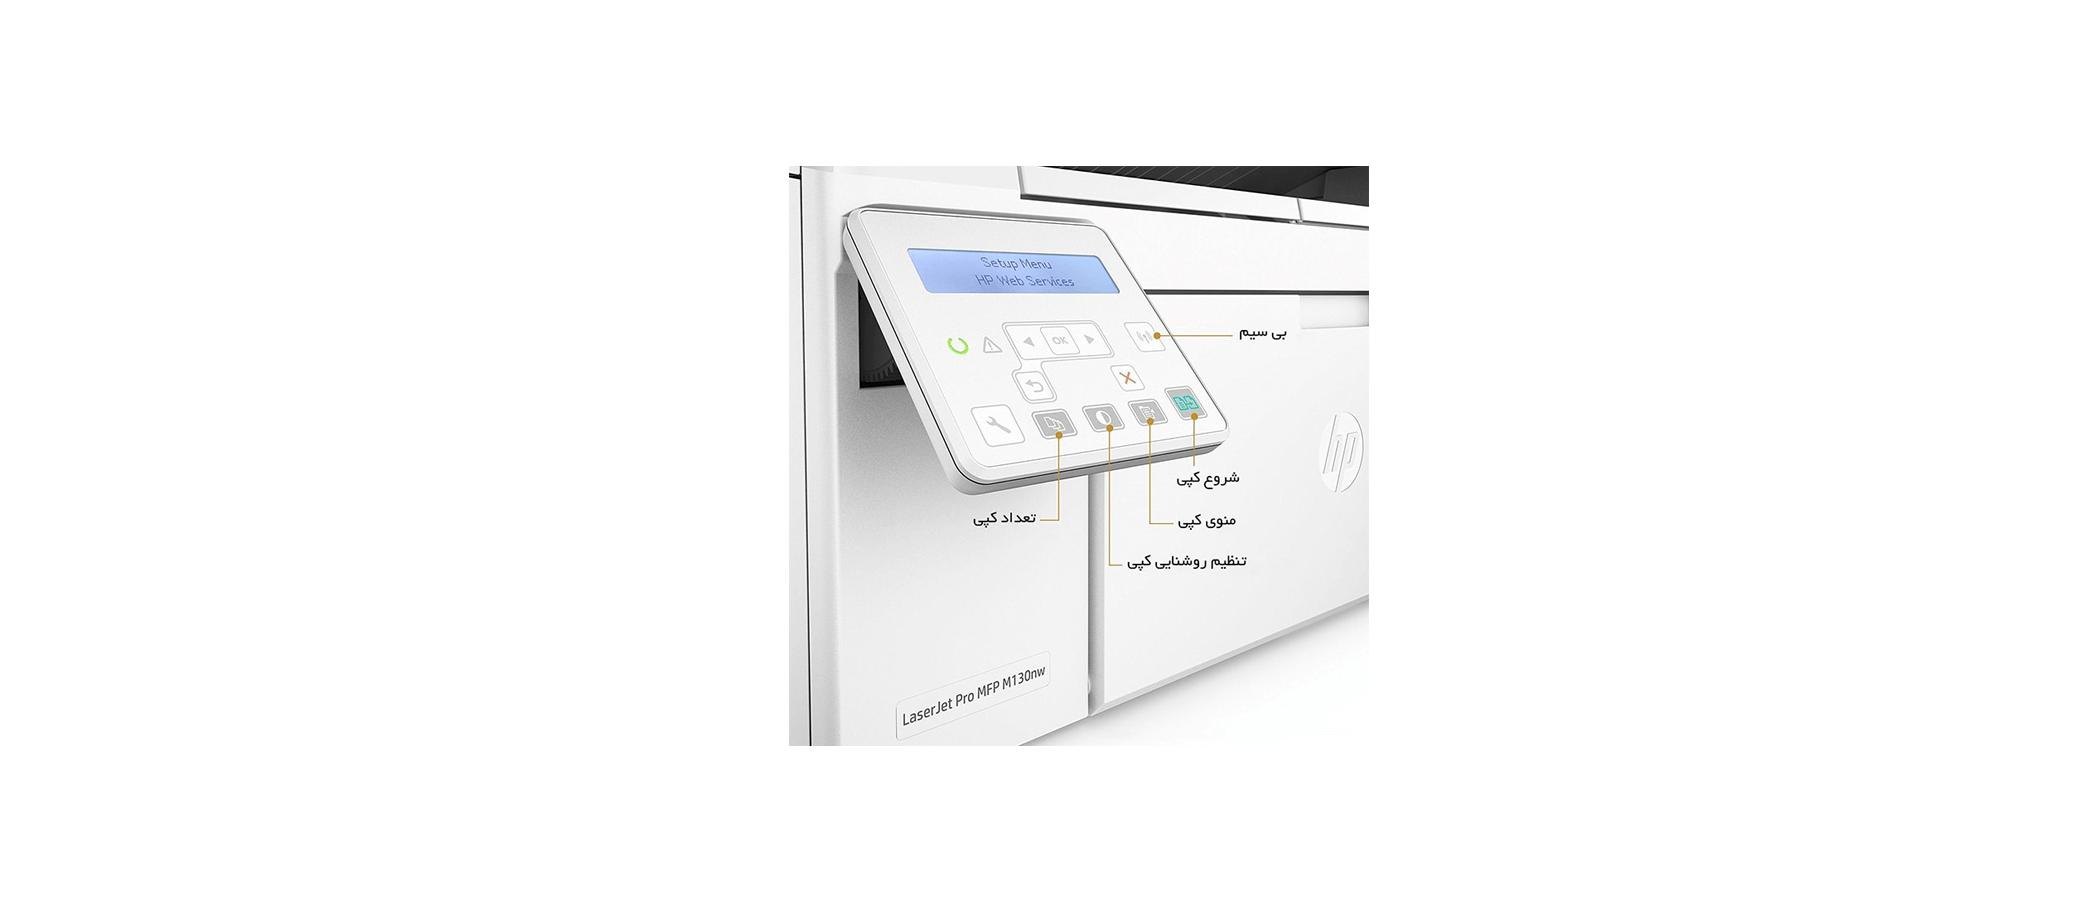 تصویر صفحه نمایش پرینتر چندکاره LaserJet Pro MFP M130nw